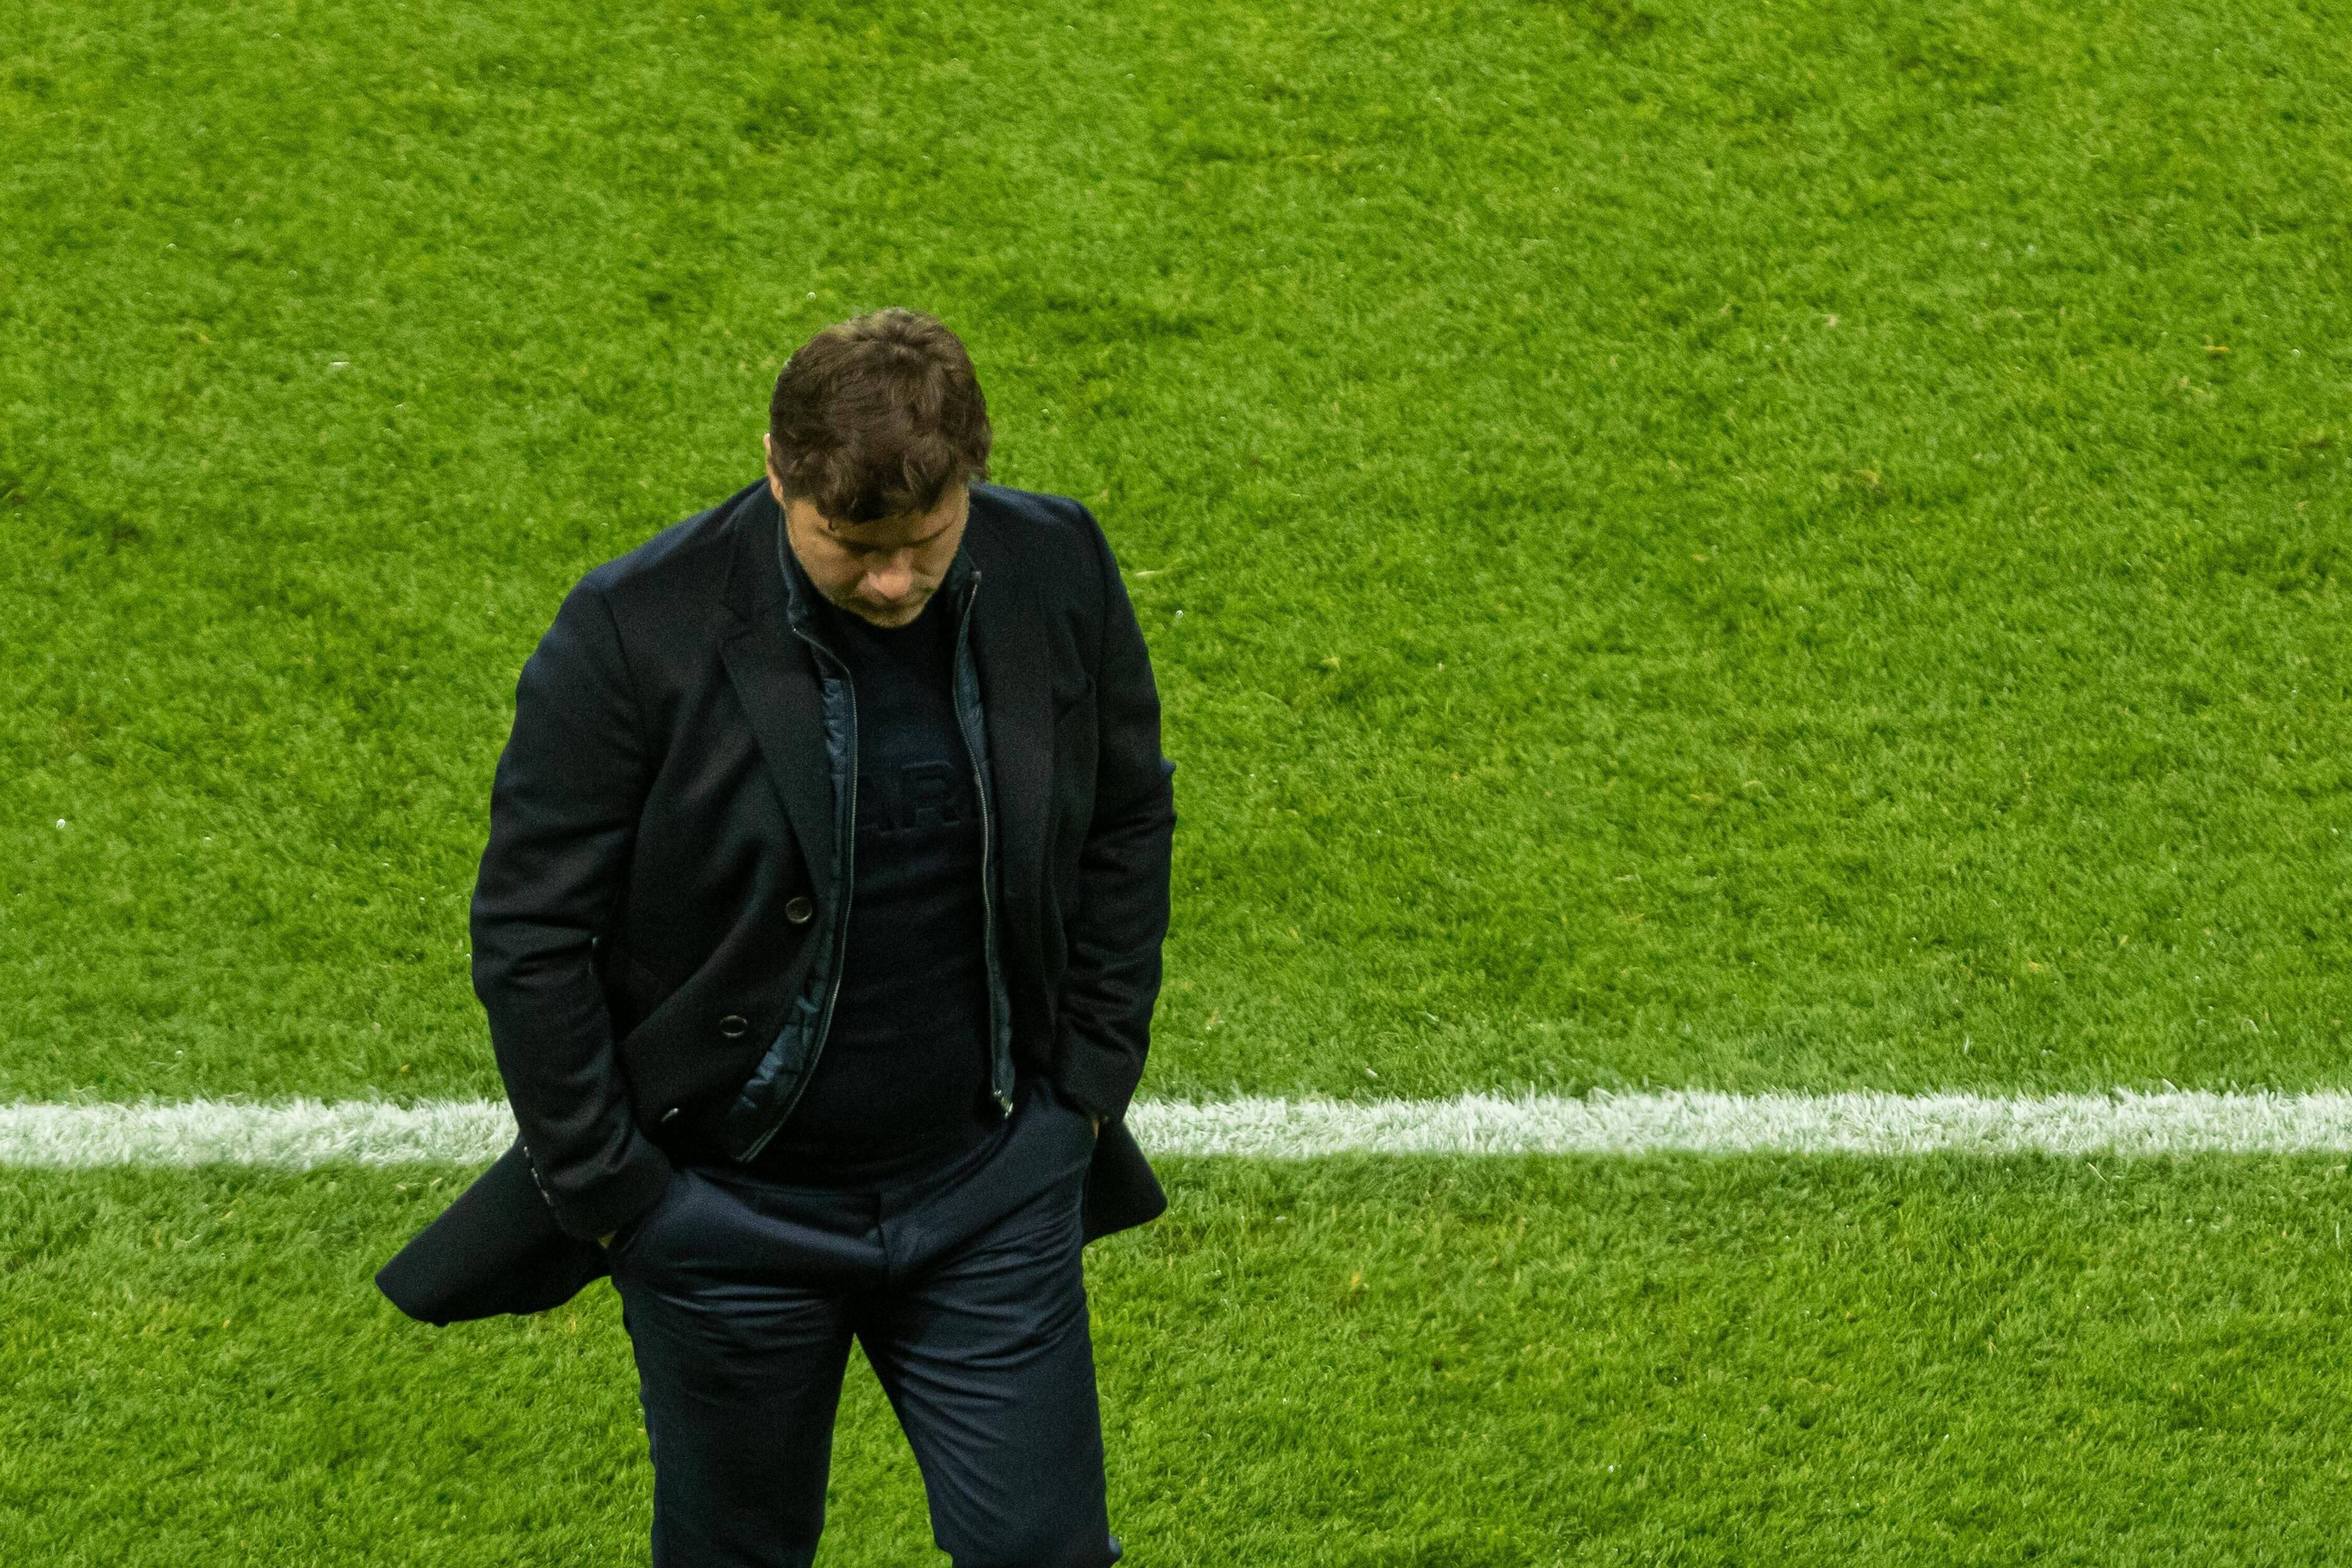 'ทีมได้แสดงให้เห็นว่าตัวเองแข็งแกร่งทางจิตใจ' – โปเช็ตติโน่ ตอบคำวิจารณ์ เปแอสเช